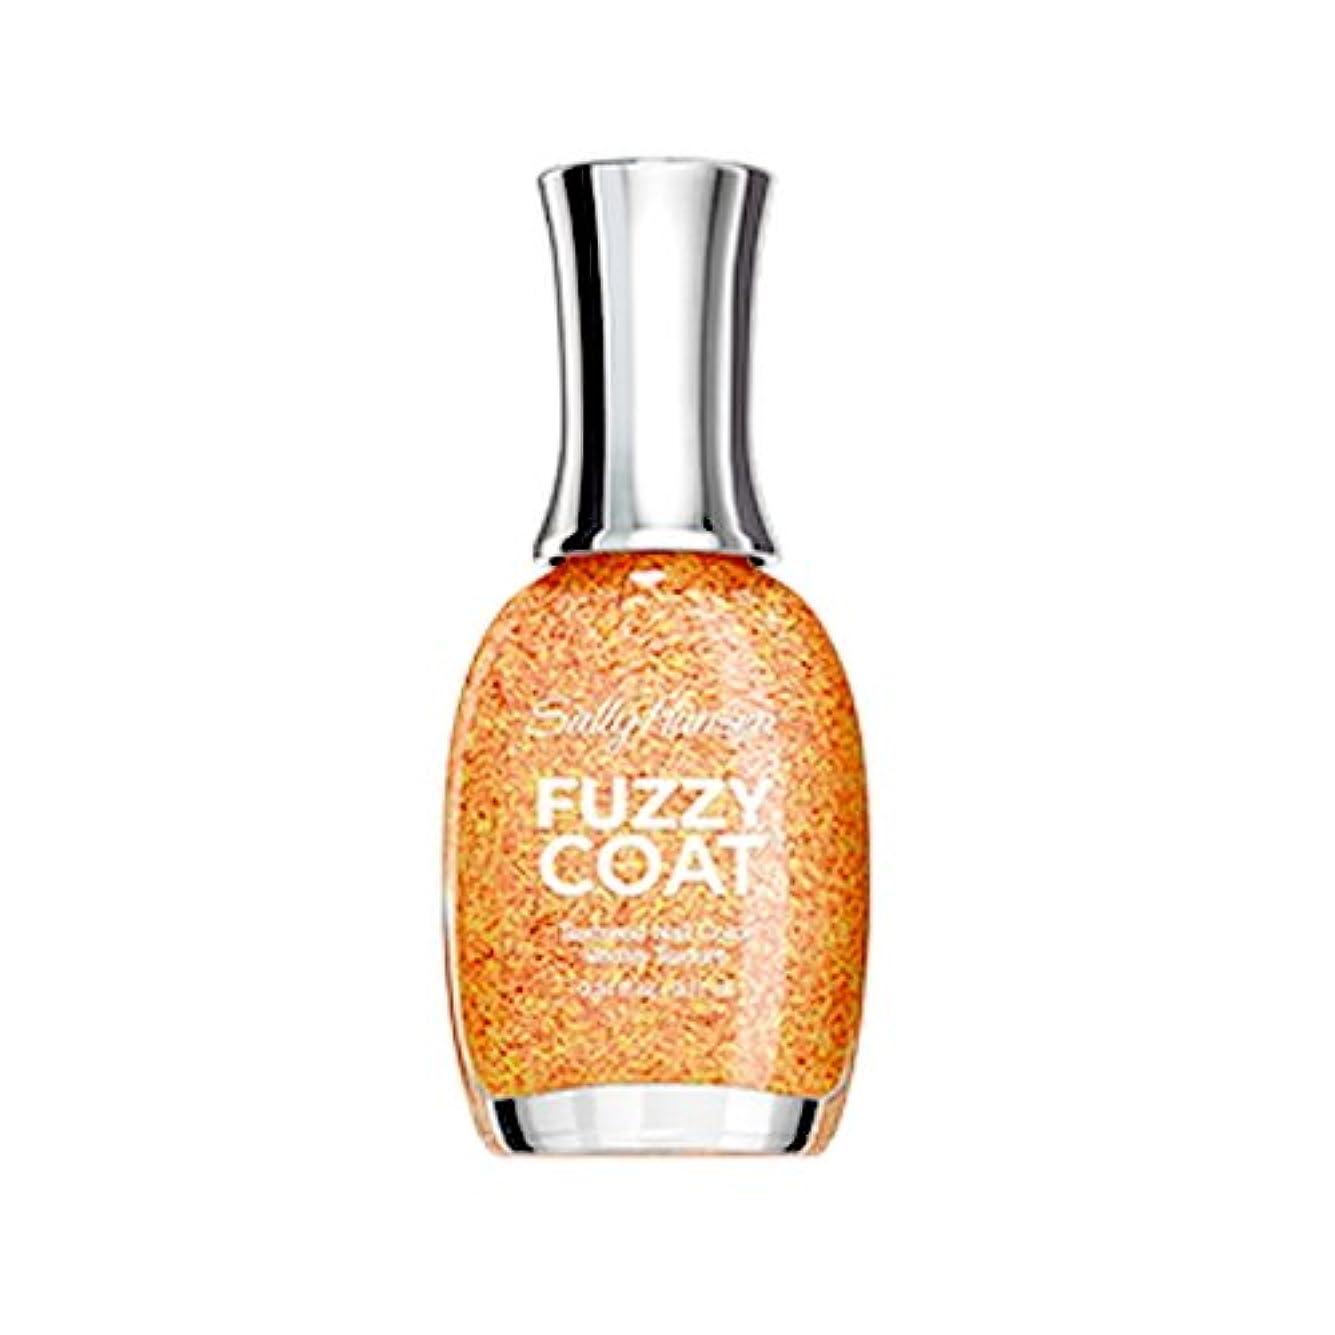 練る免疫するダーリン(3 Pack) SALLY HANSEN Fuzzy Coat Special Effect Textured Nail Color - Peach Fuzz (並行輸入品)